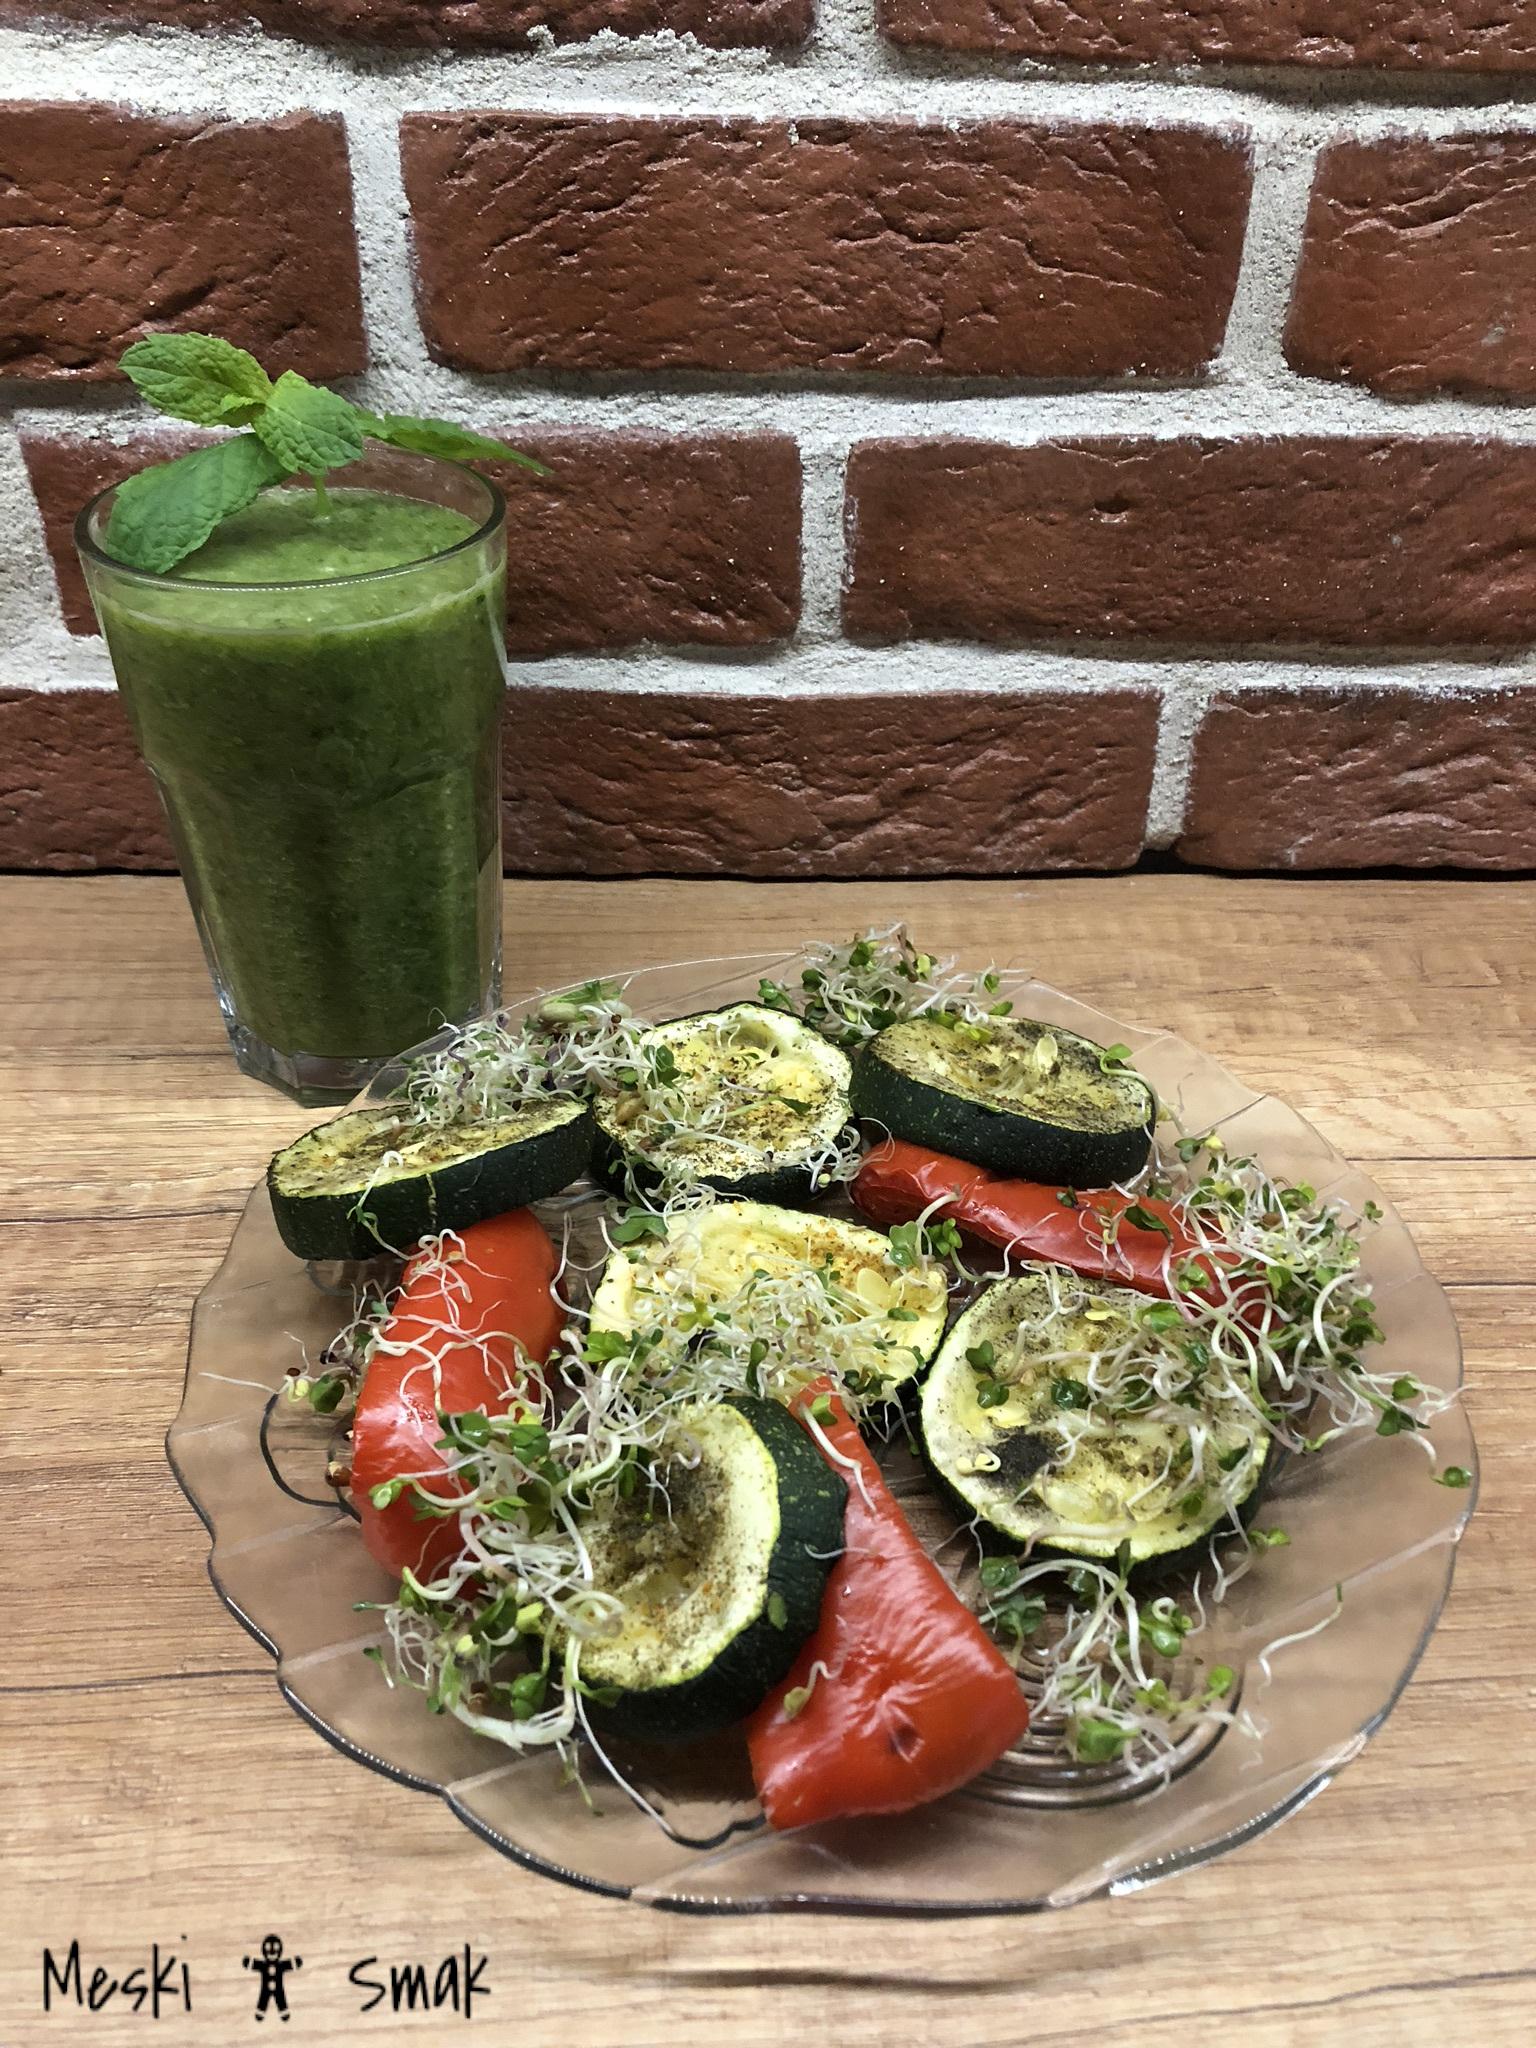 Cukinia zapiekana i grillowane warzywa z kiełkami i mozzarellą